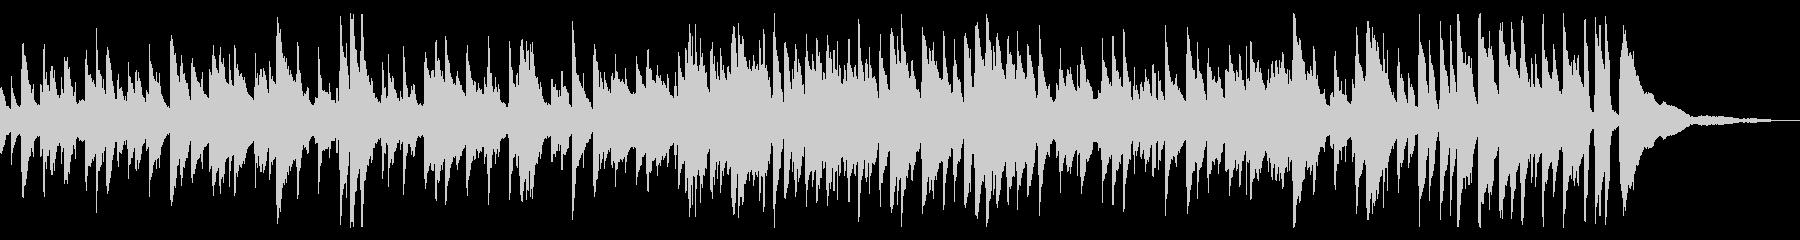 大人っぽいムーディなジャズテイストの未再生の波形